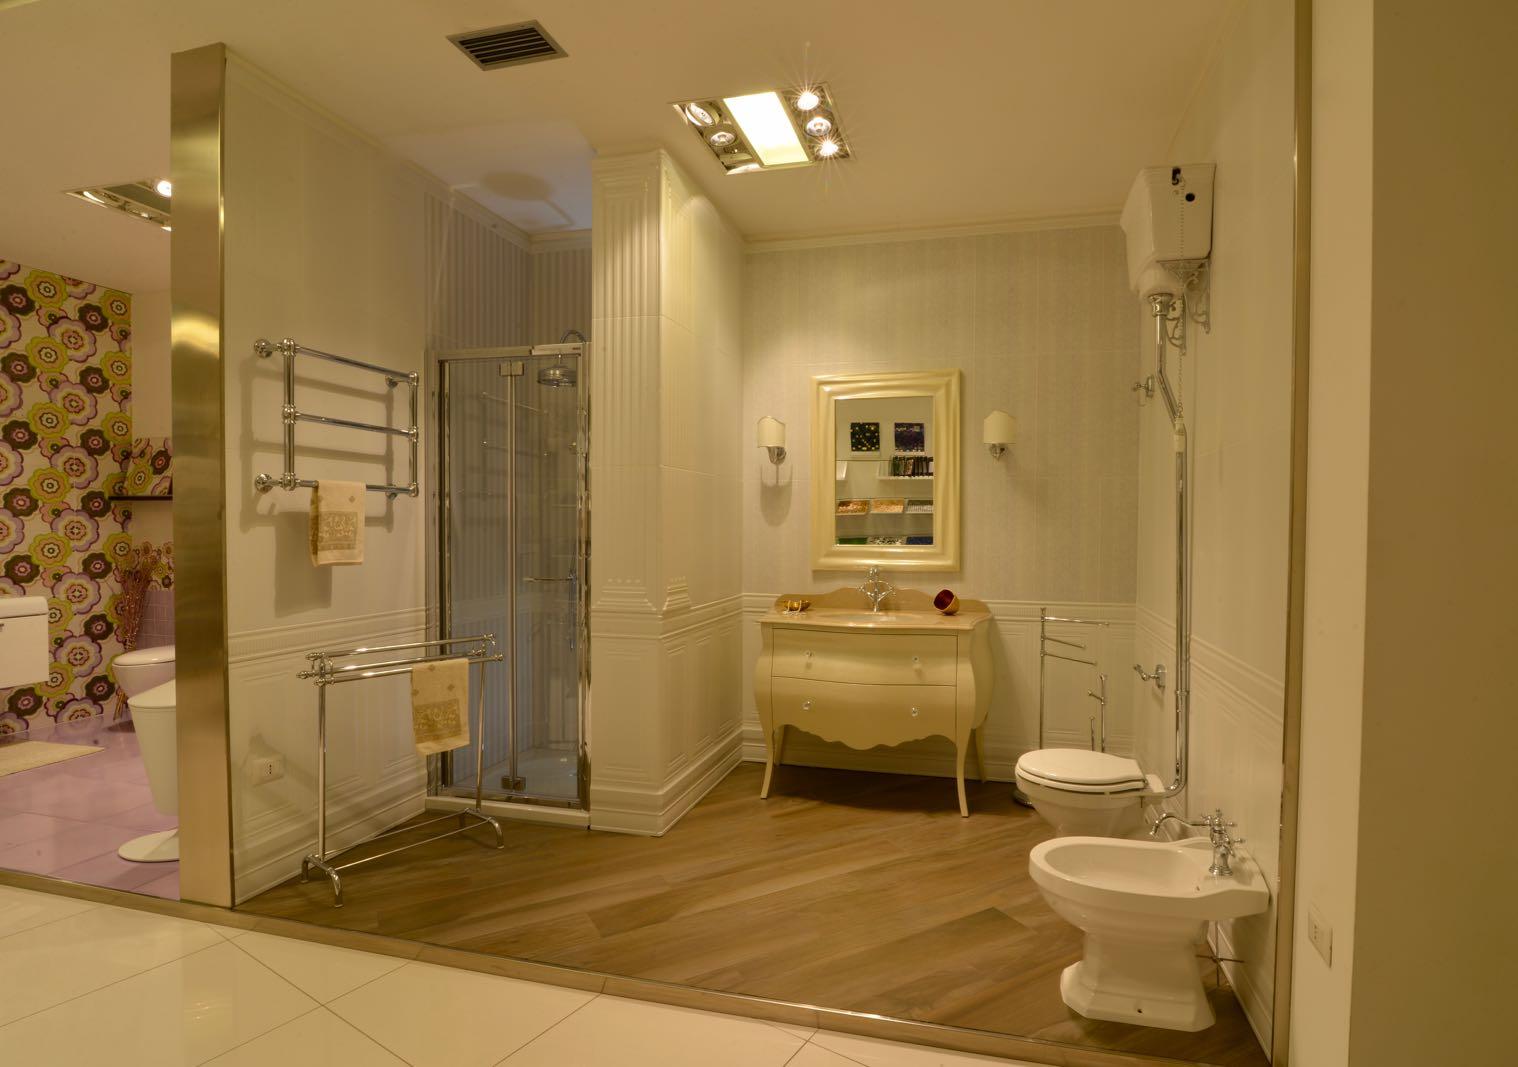 Arredo bagno trulli immagini ispirazione sul design casa for Arredo e bagno